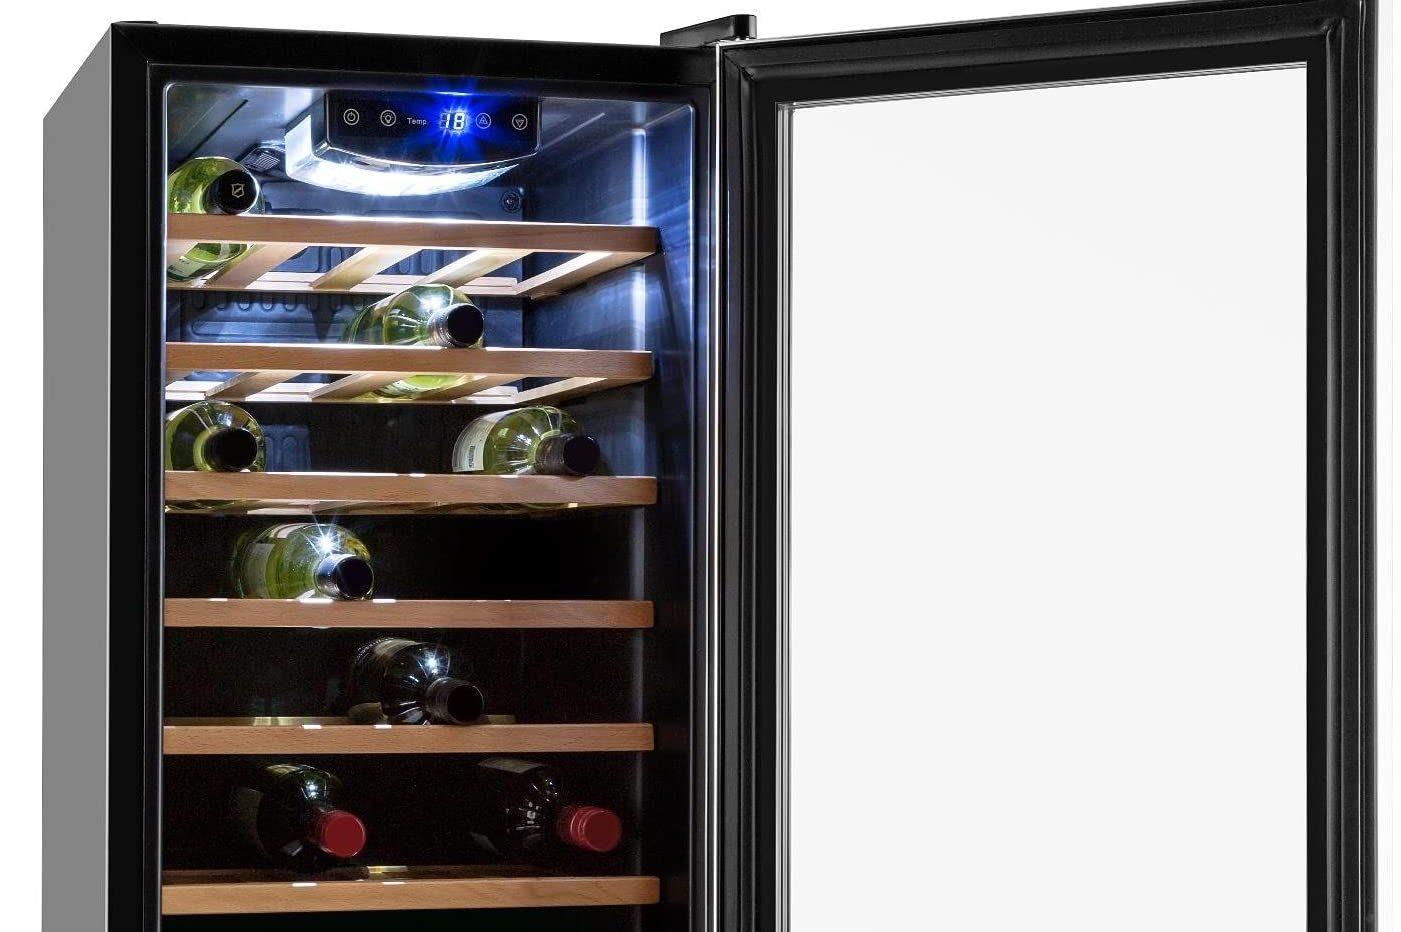 Cómo elegir la mejor vinoteca de doble temperatura